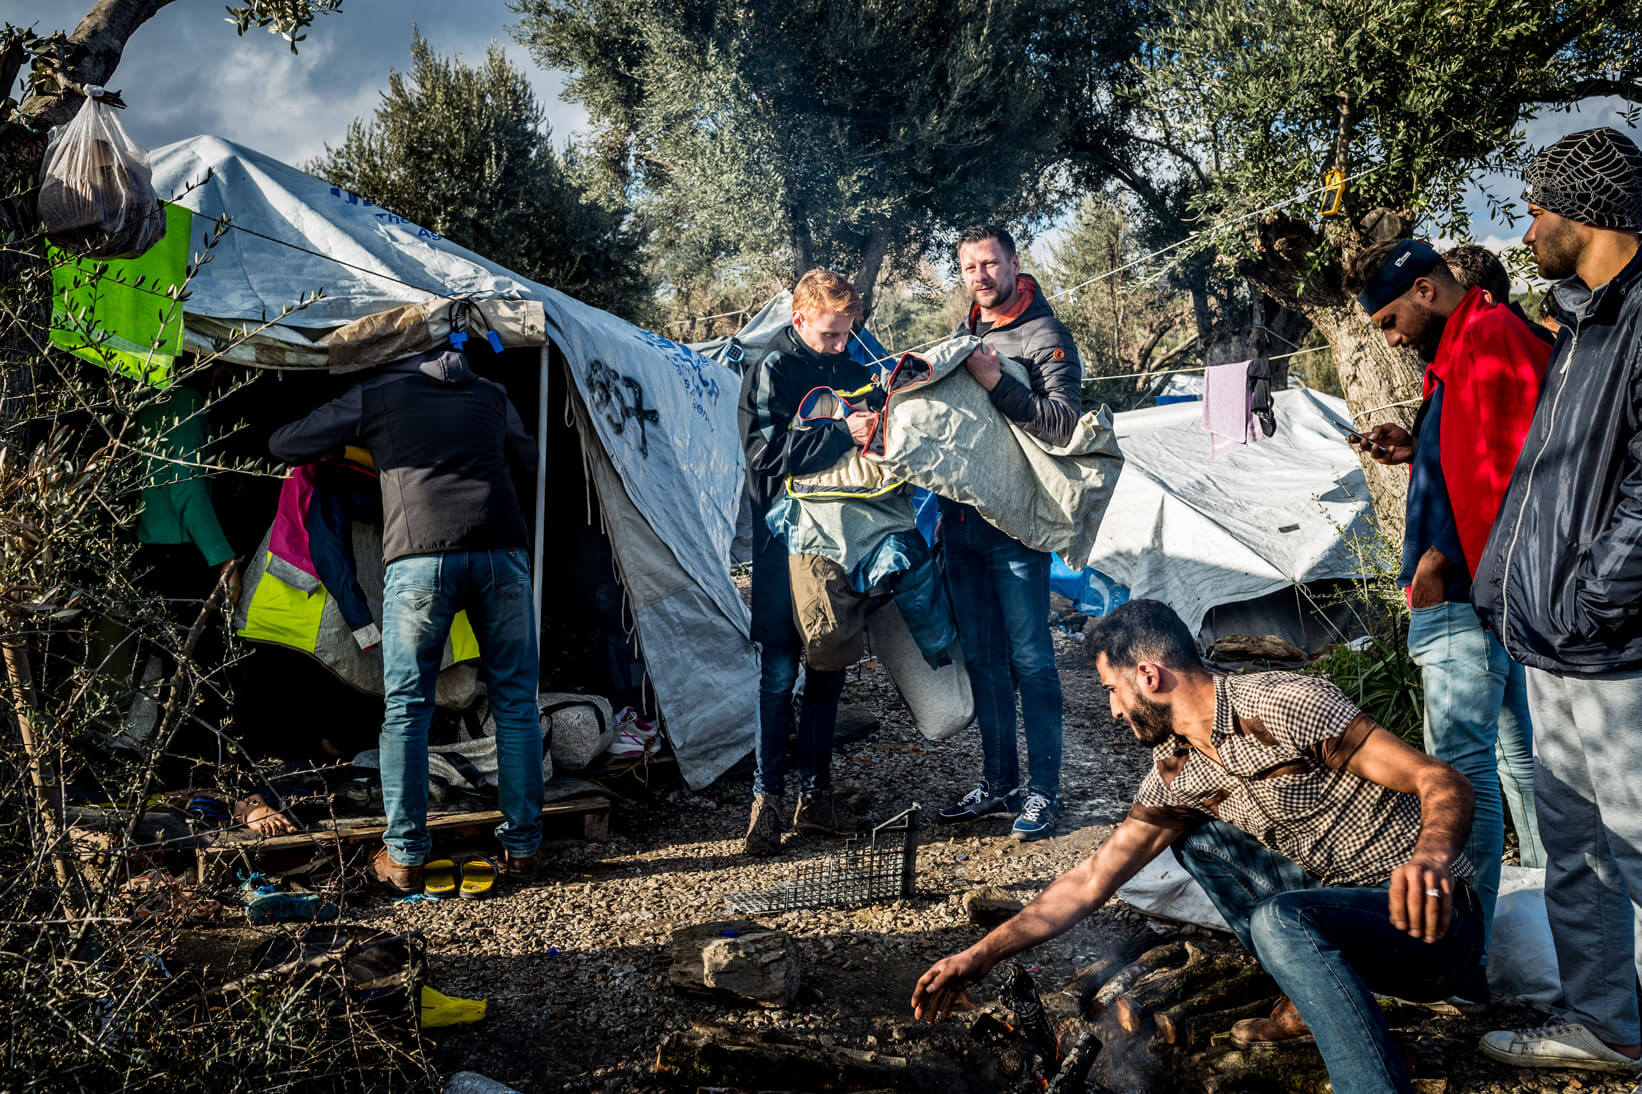 Corona: vluchtelingen Moria vrezen een humanitaire ramp | Sheltersuit